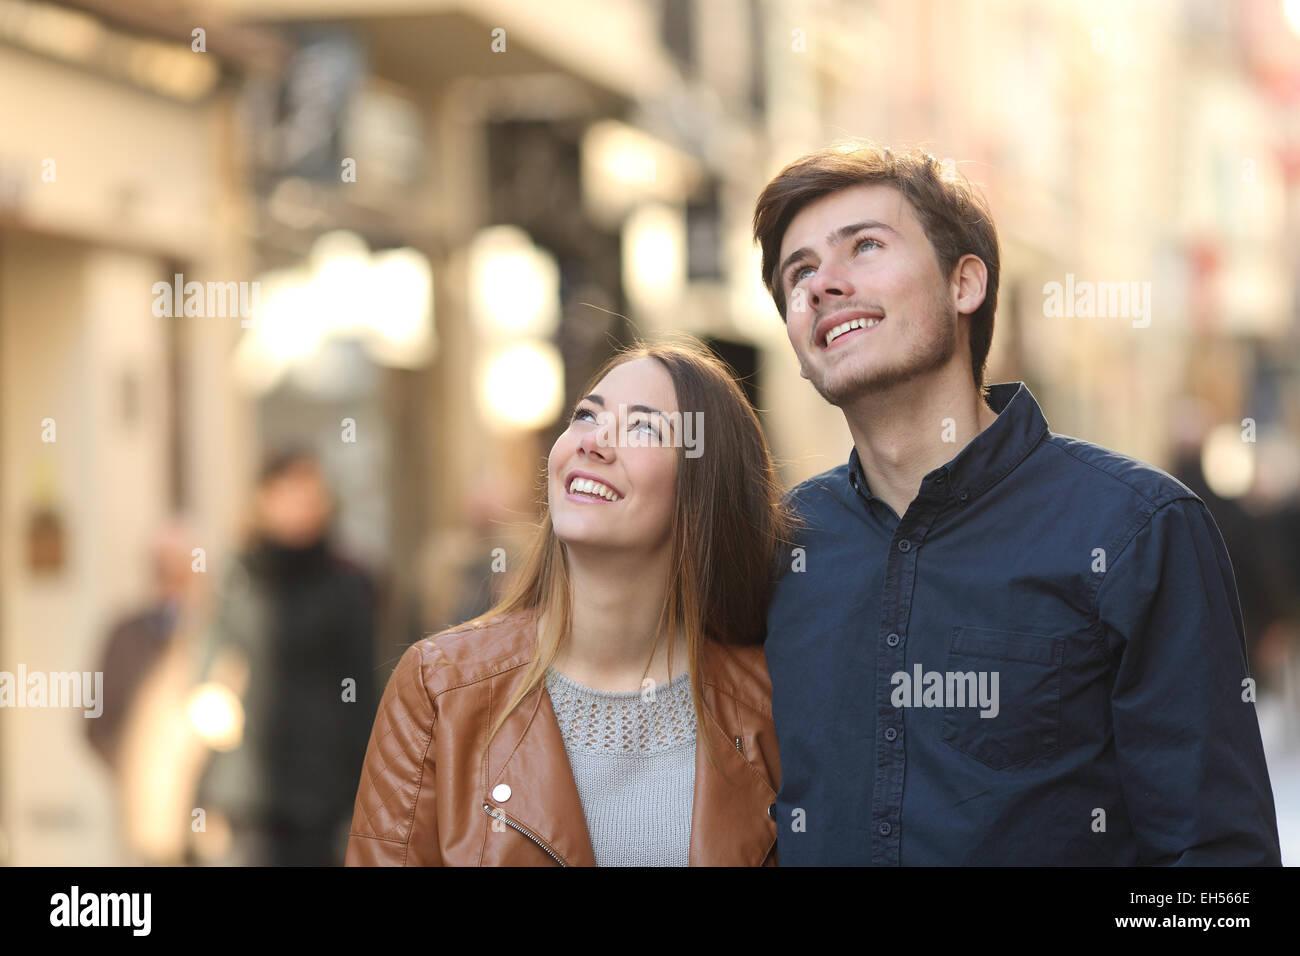 Dating Seiten in der Stadt